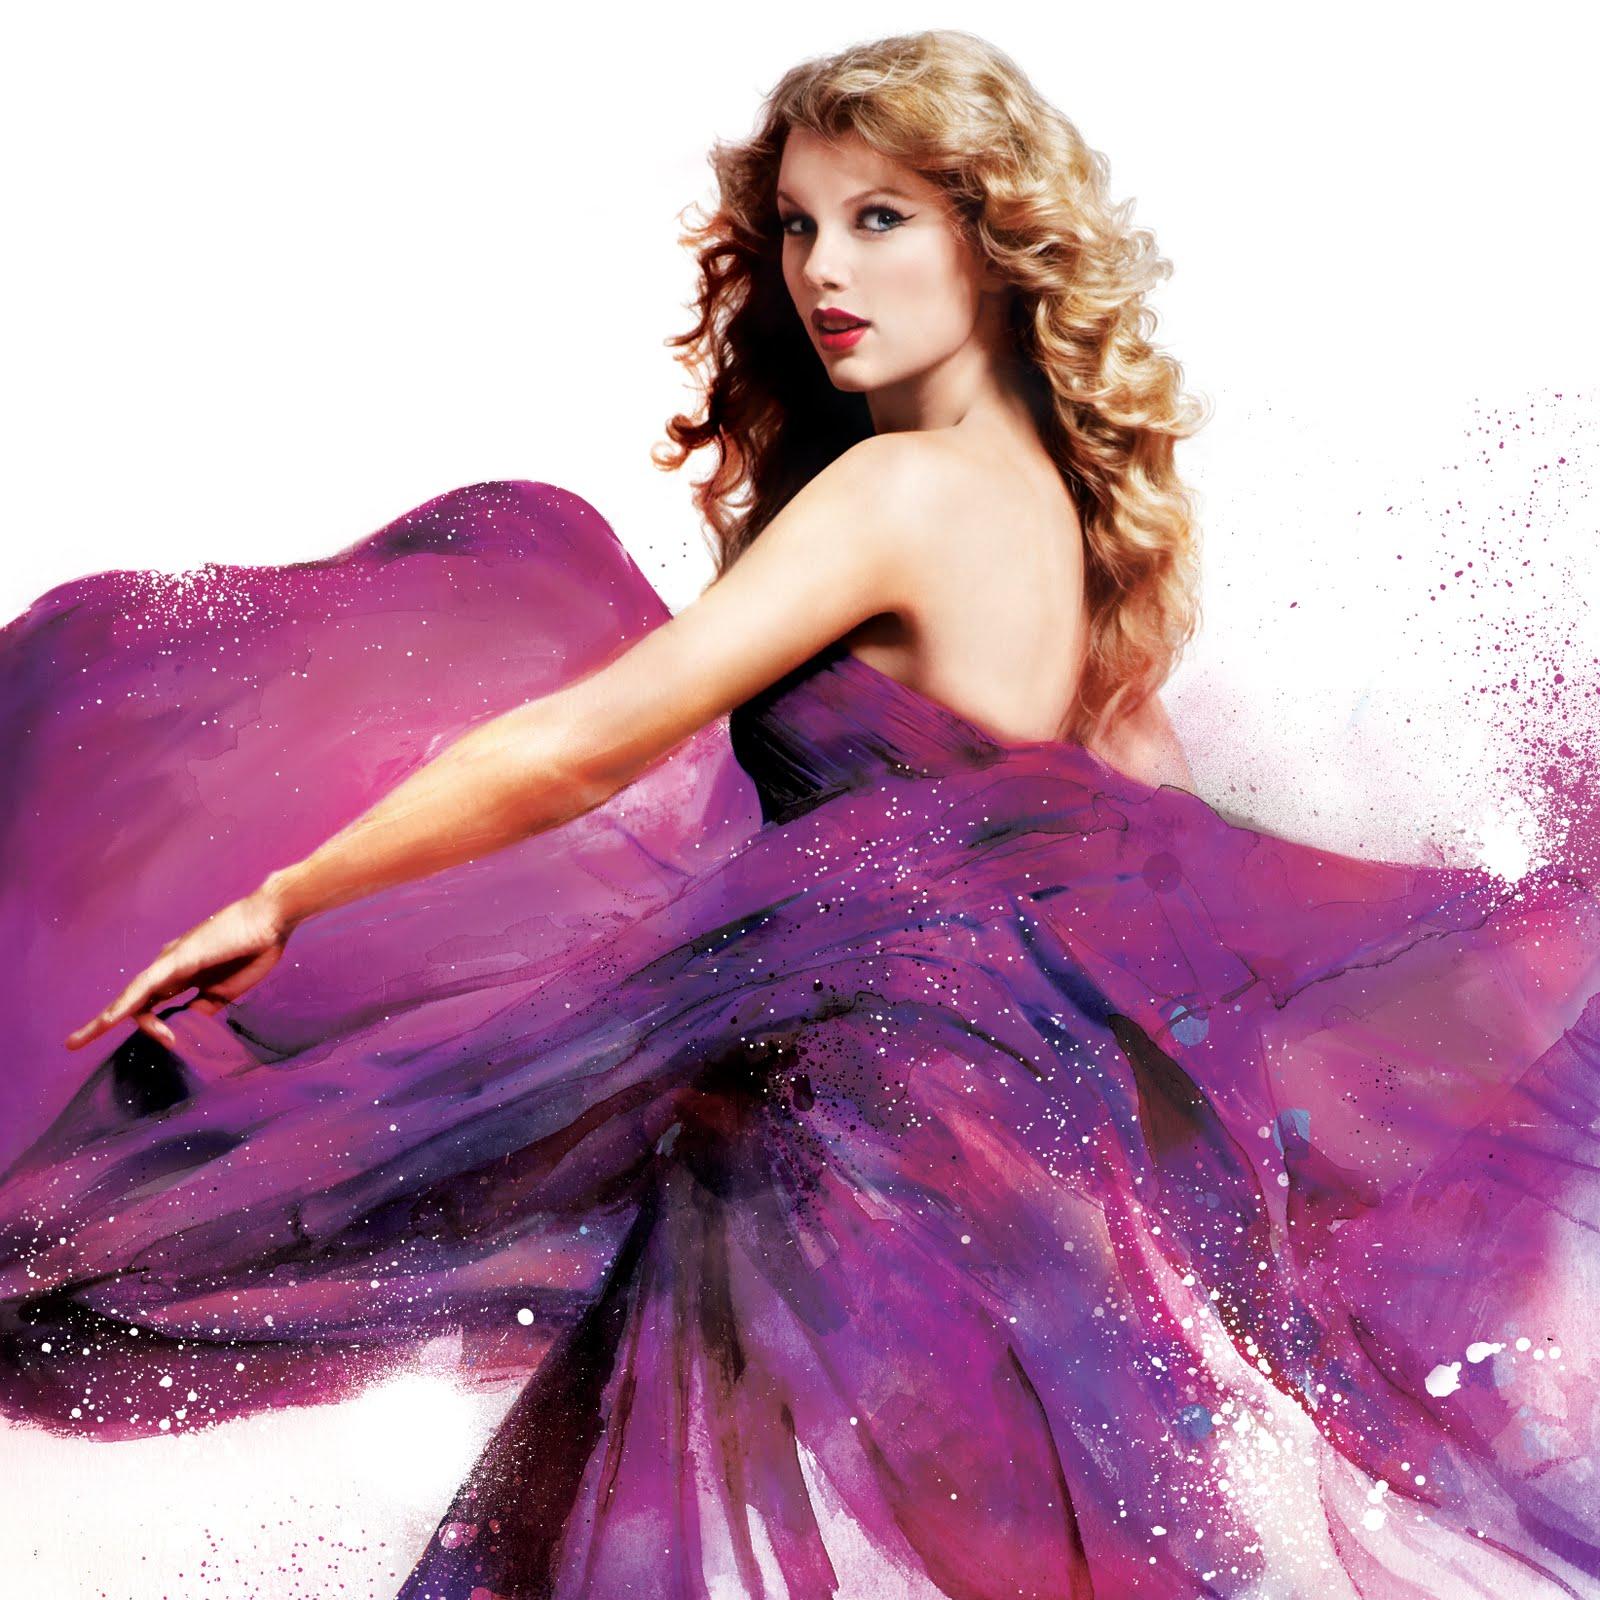 http://2.bp.blogspot.com/_hX8I3bALreA/TVMbzXYnITI/AAAAAAAAAac/Wtga-0T_ASM/s1600/TaylorSwift_Purple.jpg